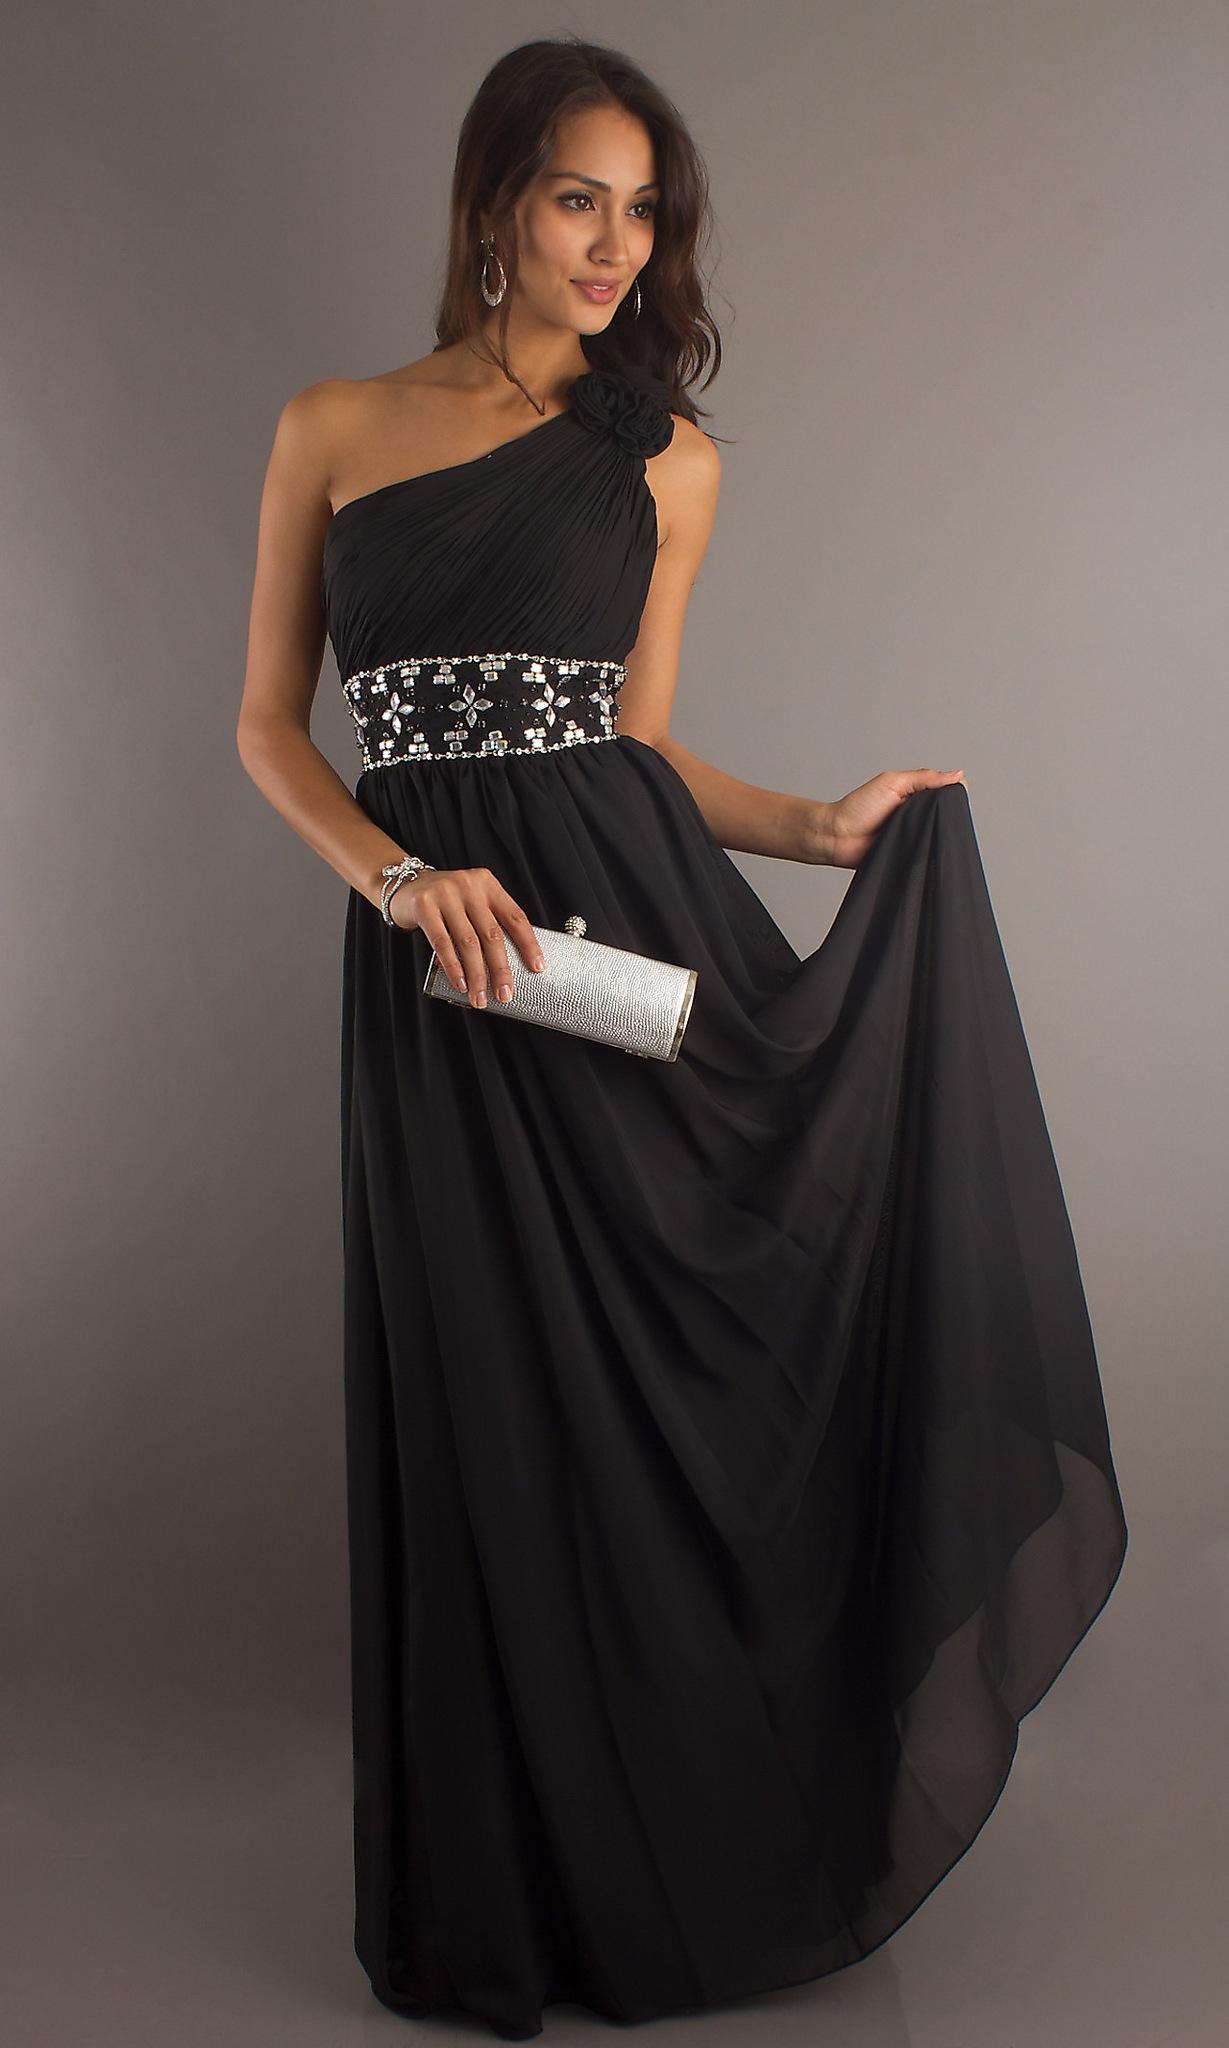 Modelos para vestidos elegantes para navidad